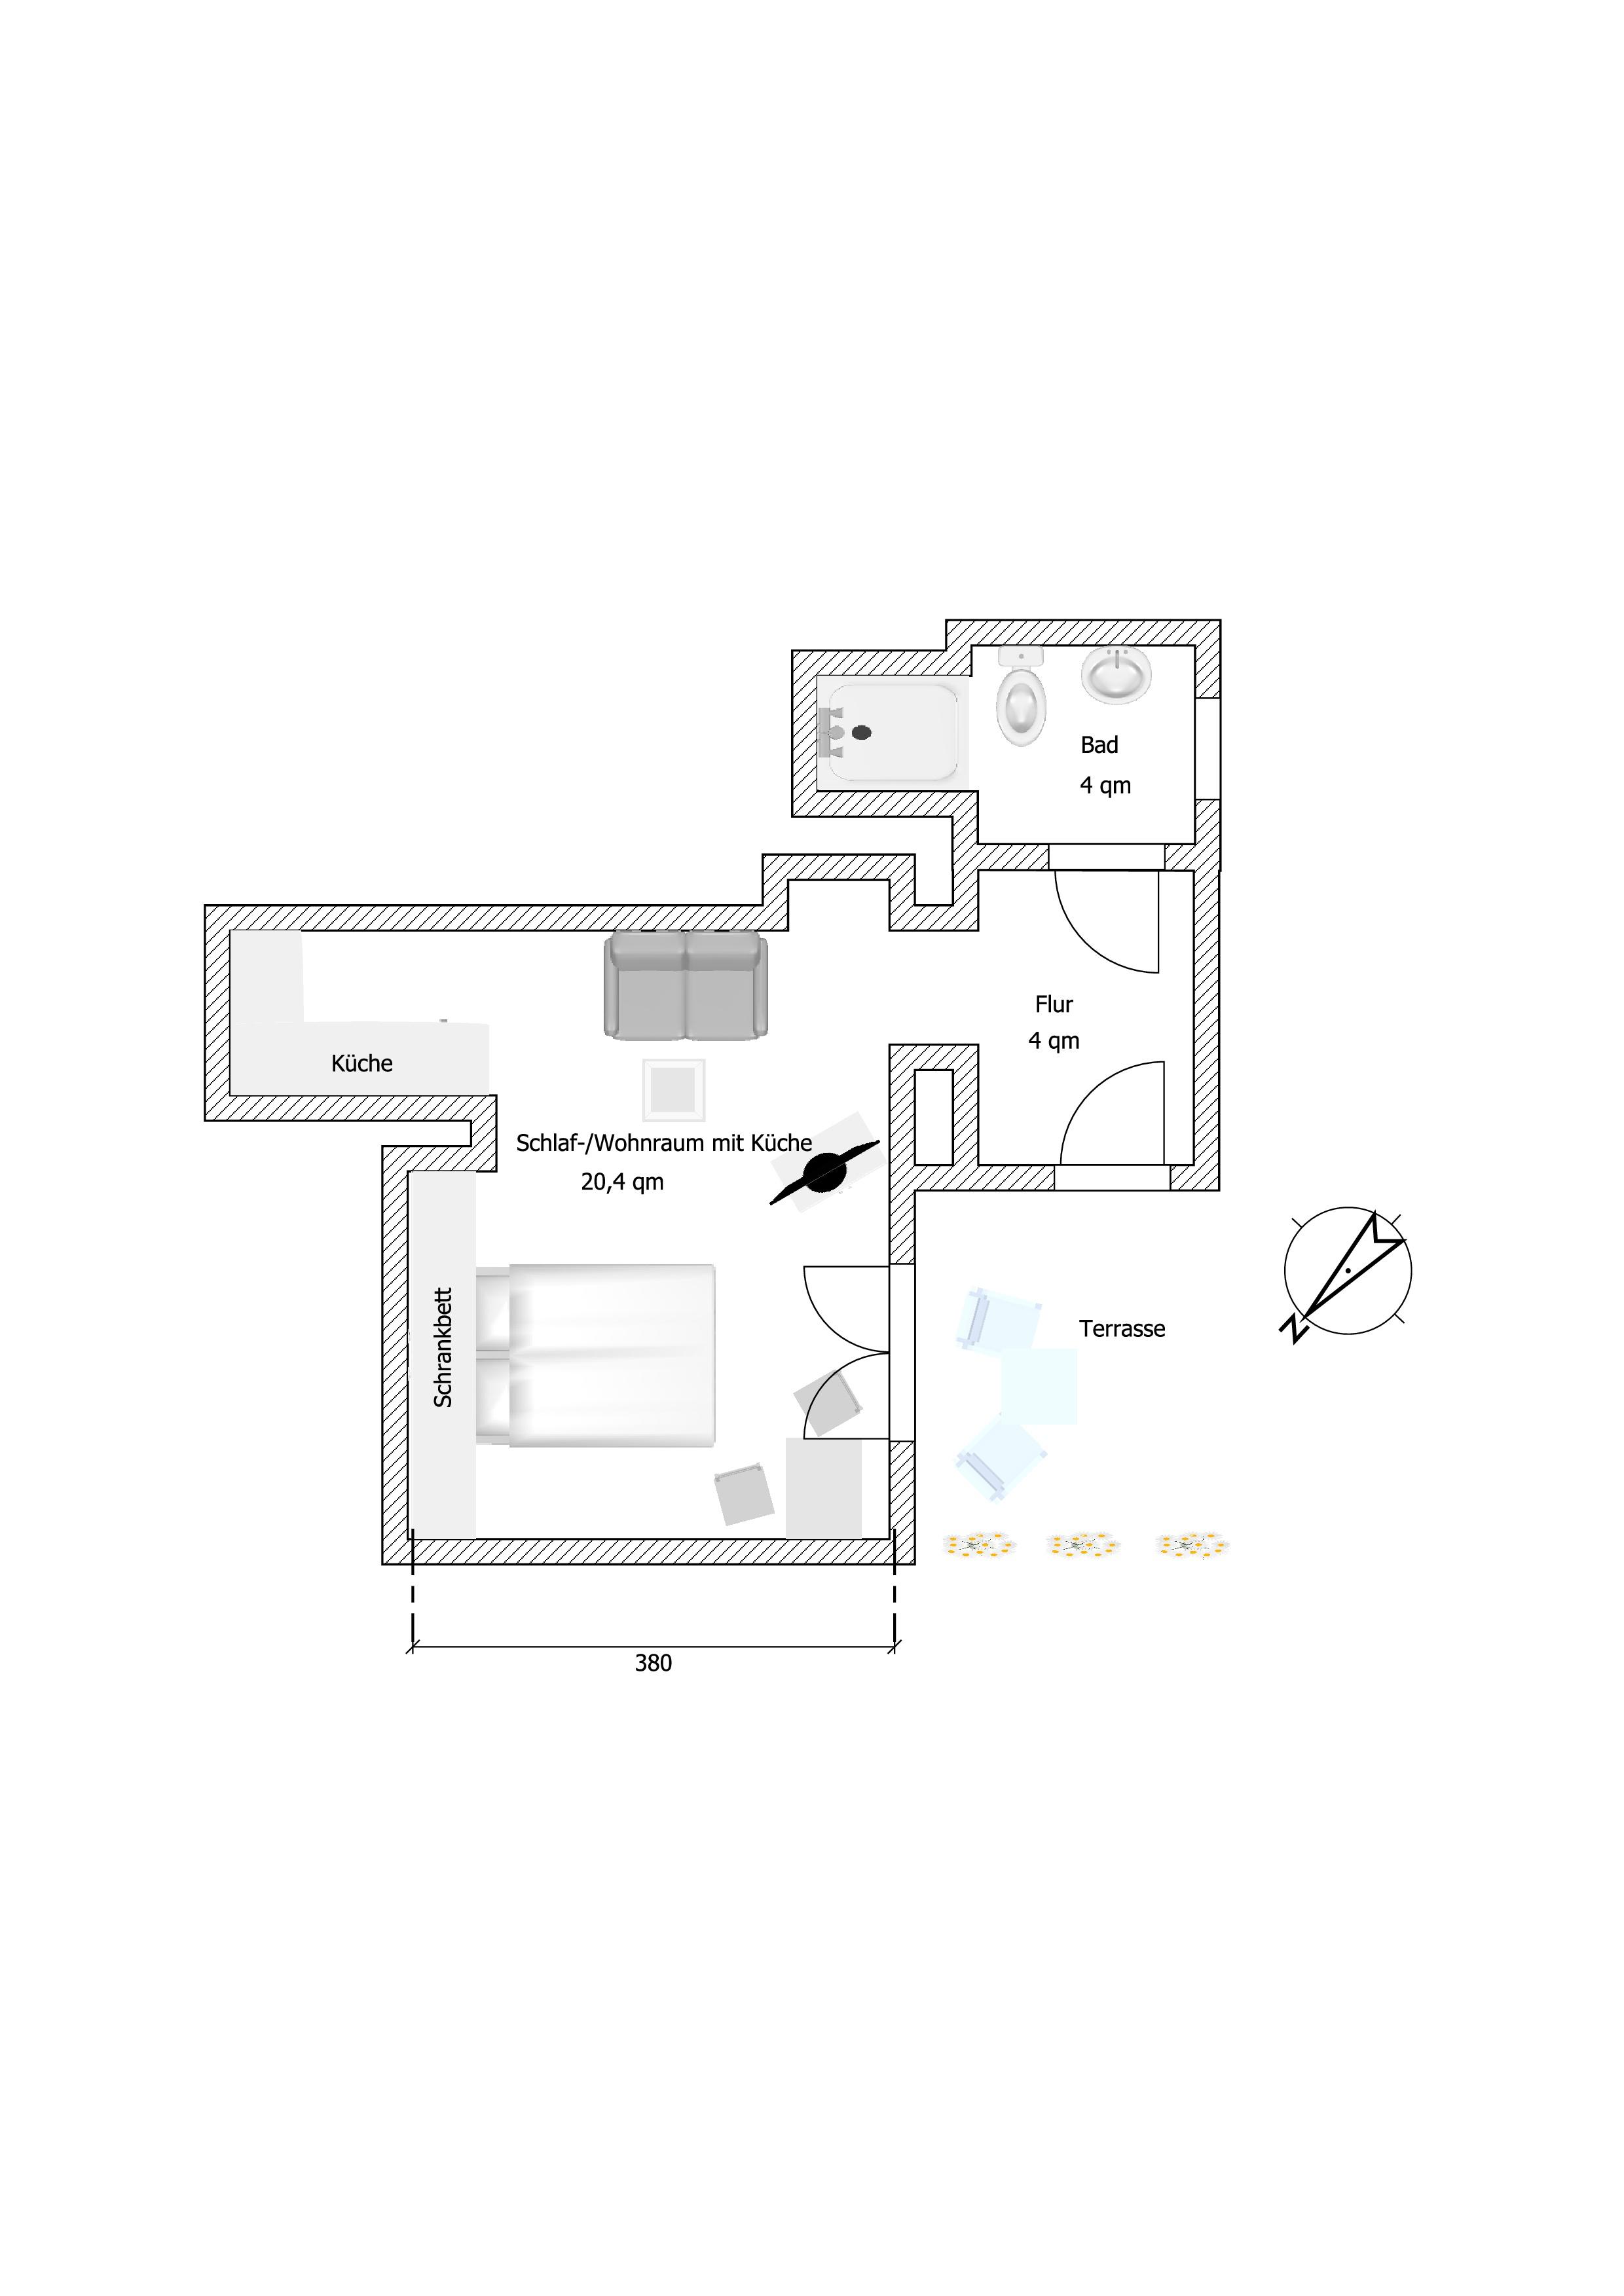 Fisch_Grundriss Wohnung2